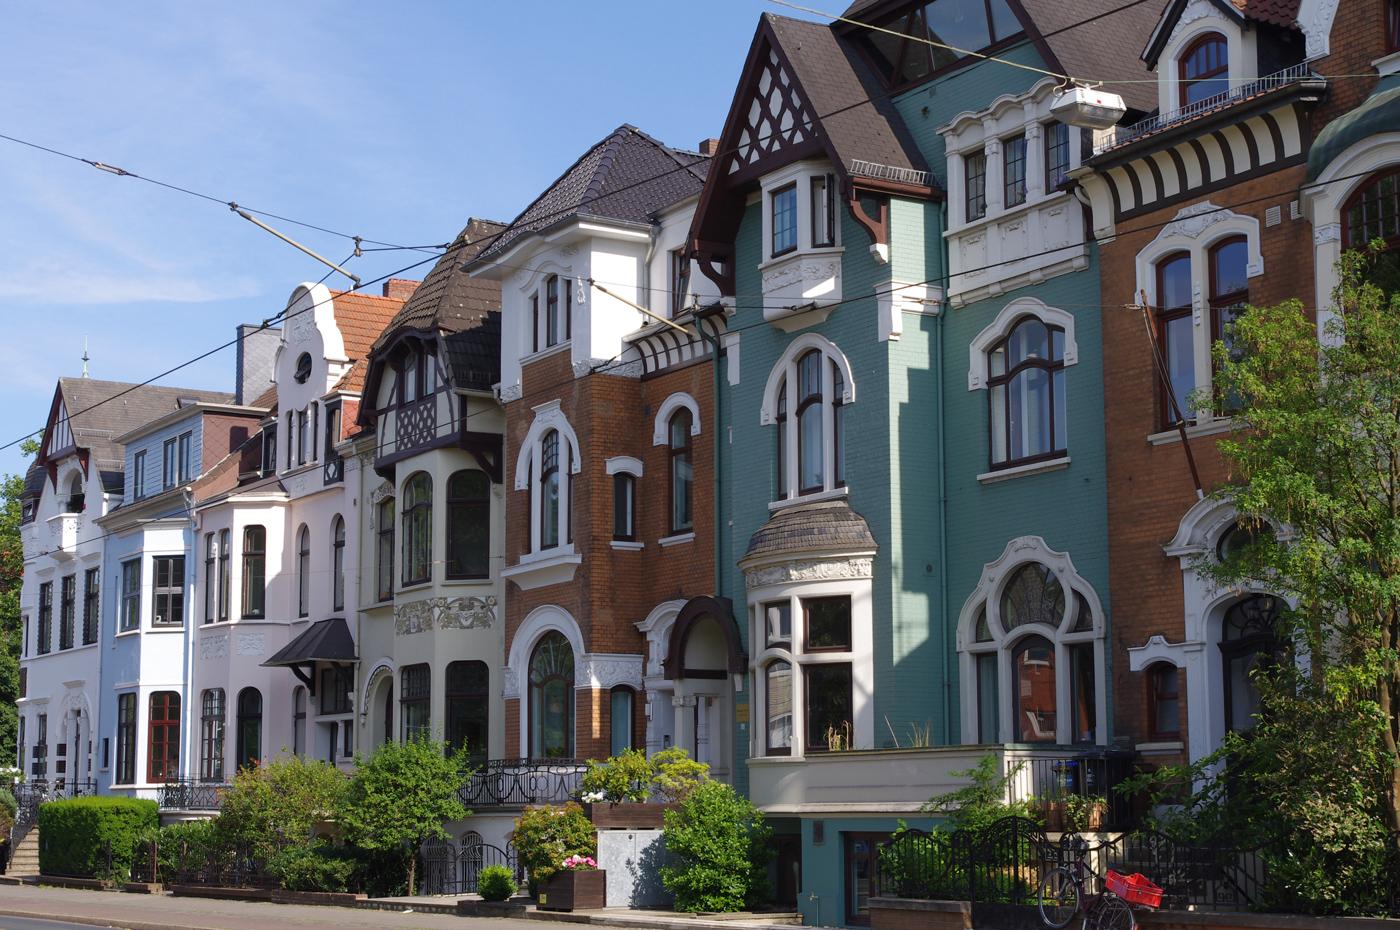 Anstieg der Immobilienpreise in Bremen – Kleines Angebot